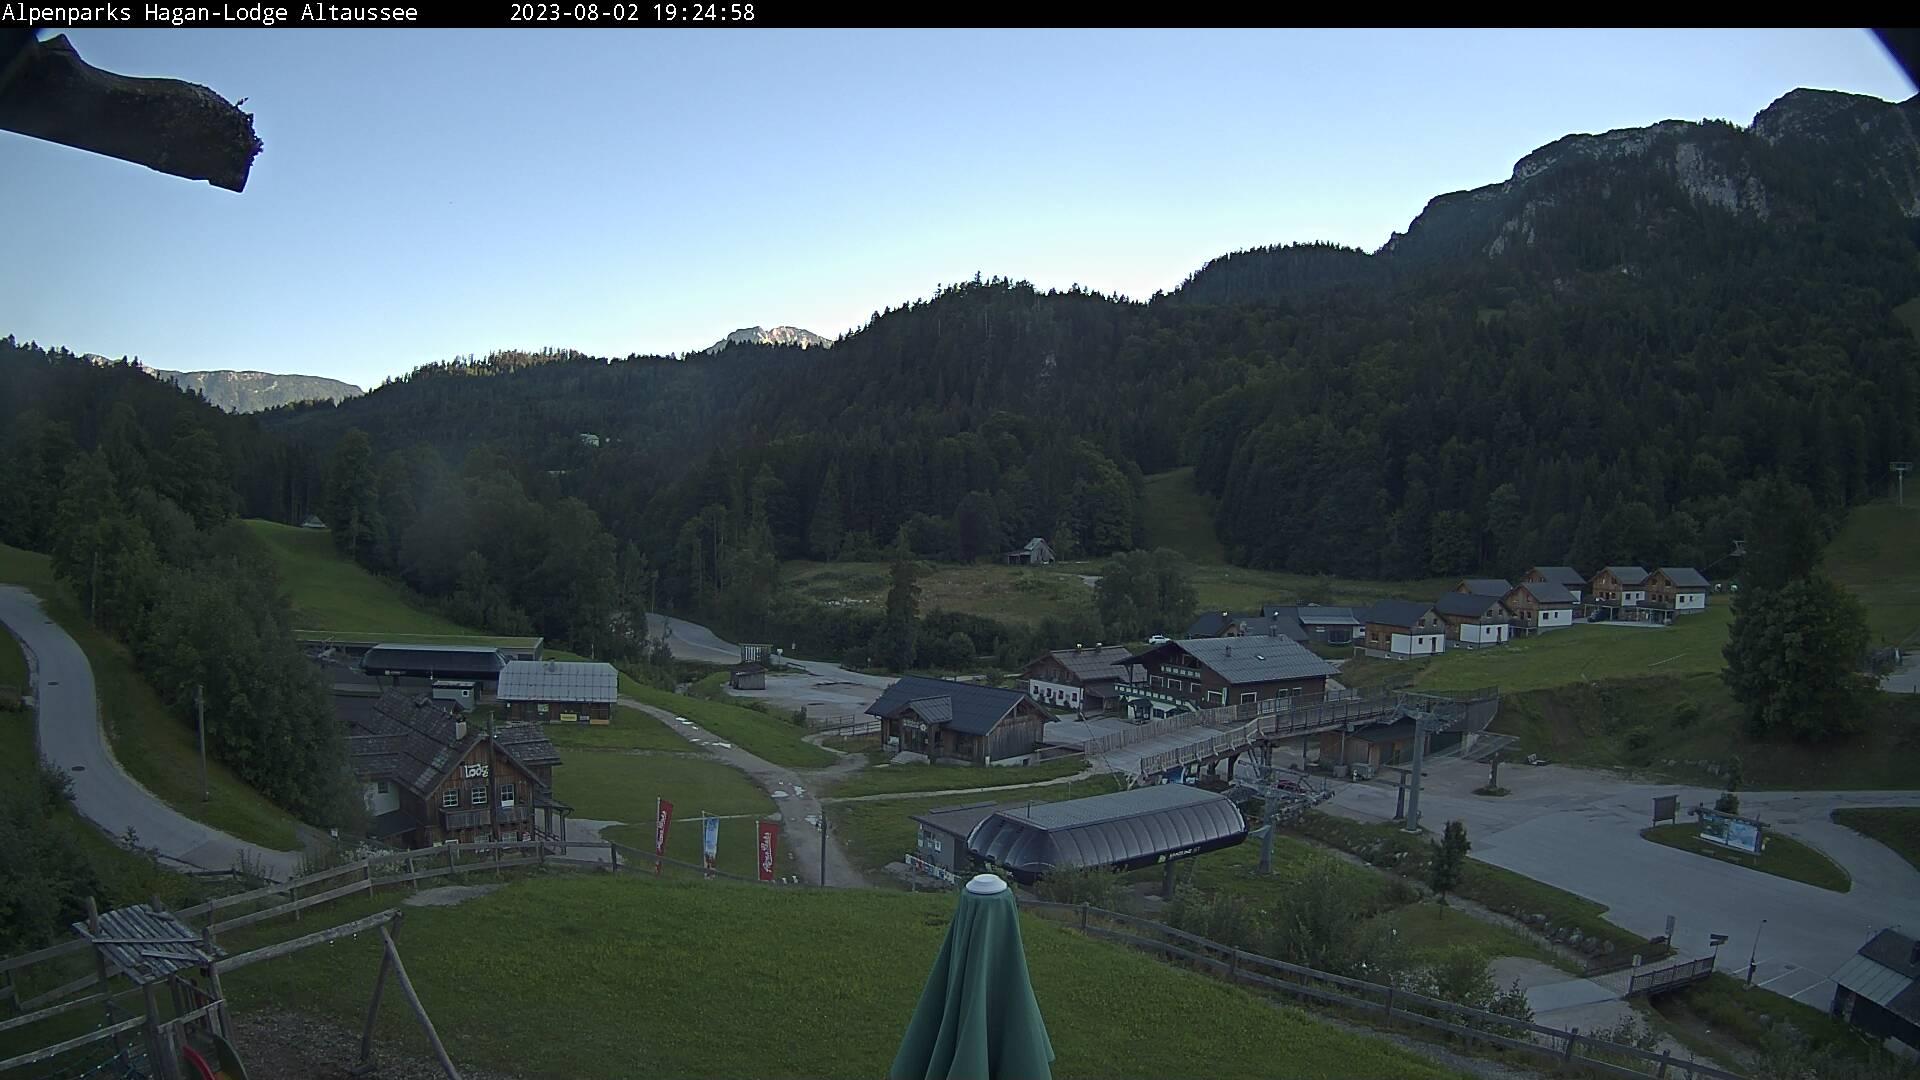 Webkamera Tauplitz, Altaussee